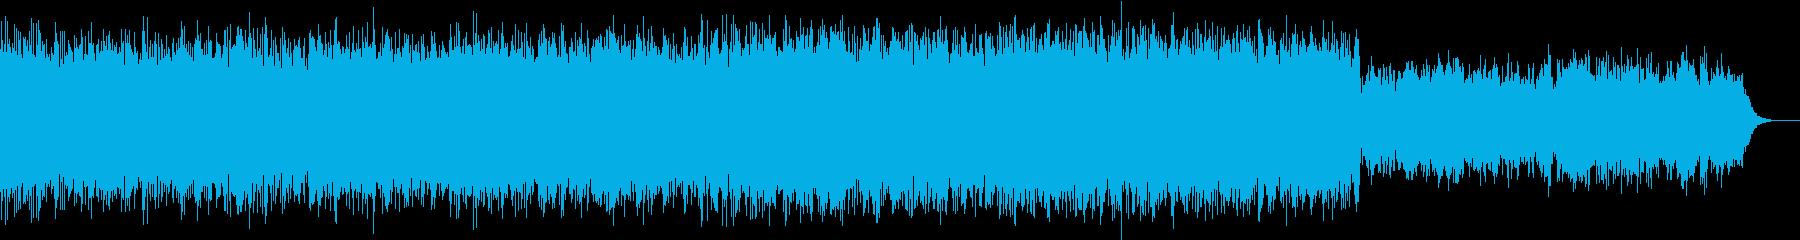 幻想的なアンビエントBGMの再生済みの波形